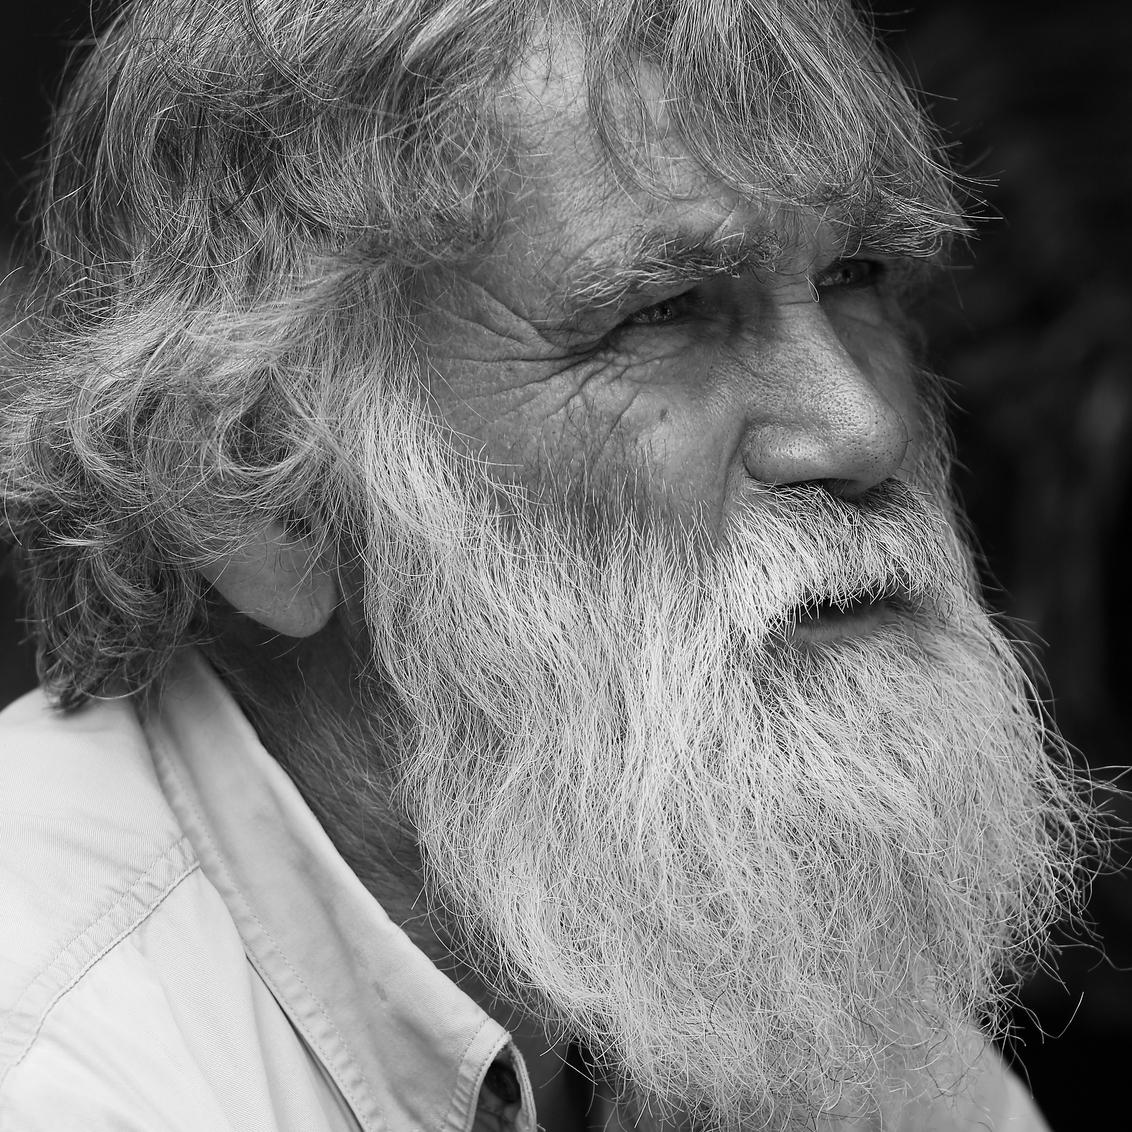 Herman - Na lange tijd weer eens een foto, een zwart/wit portret van een mooie kop. - foto door petervanmeurs op 12-03-2013 - deze foto bevat: portret, herman, zwart wit, baard.